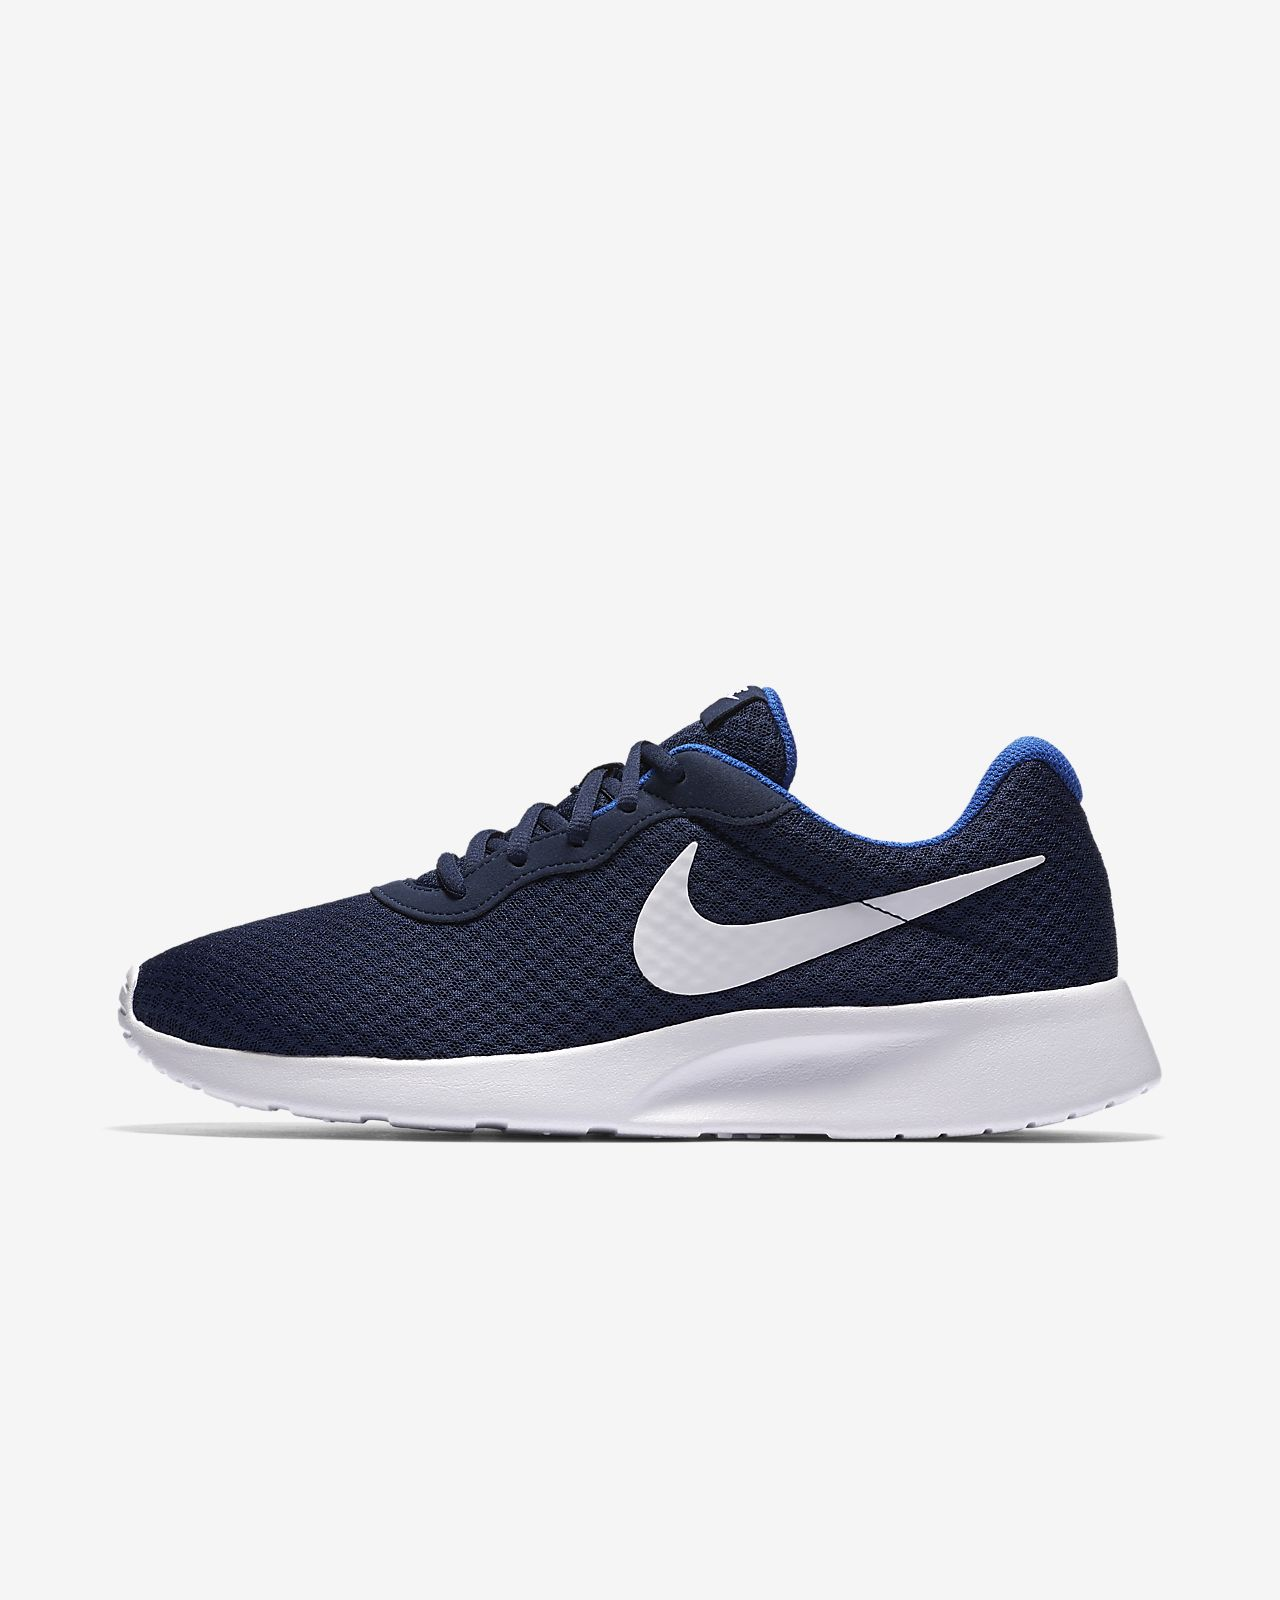 Nike Tanjun Women's Shoe |